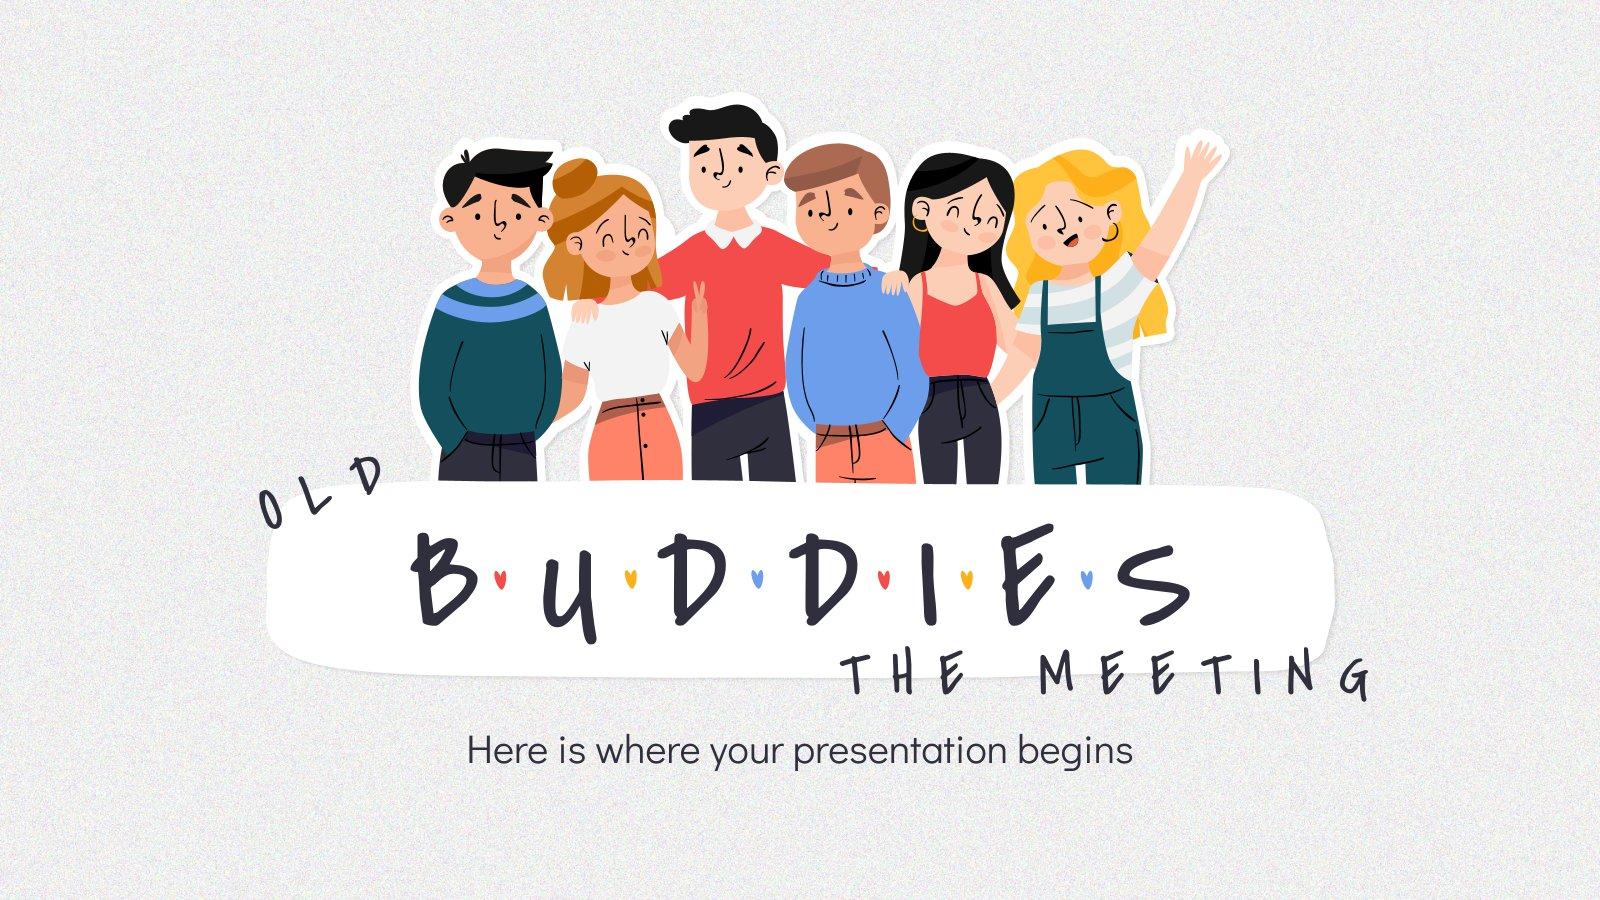 Plantilla de presentación Old Buddies: La reunión